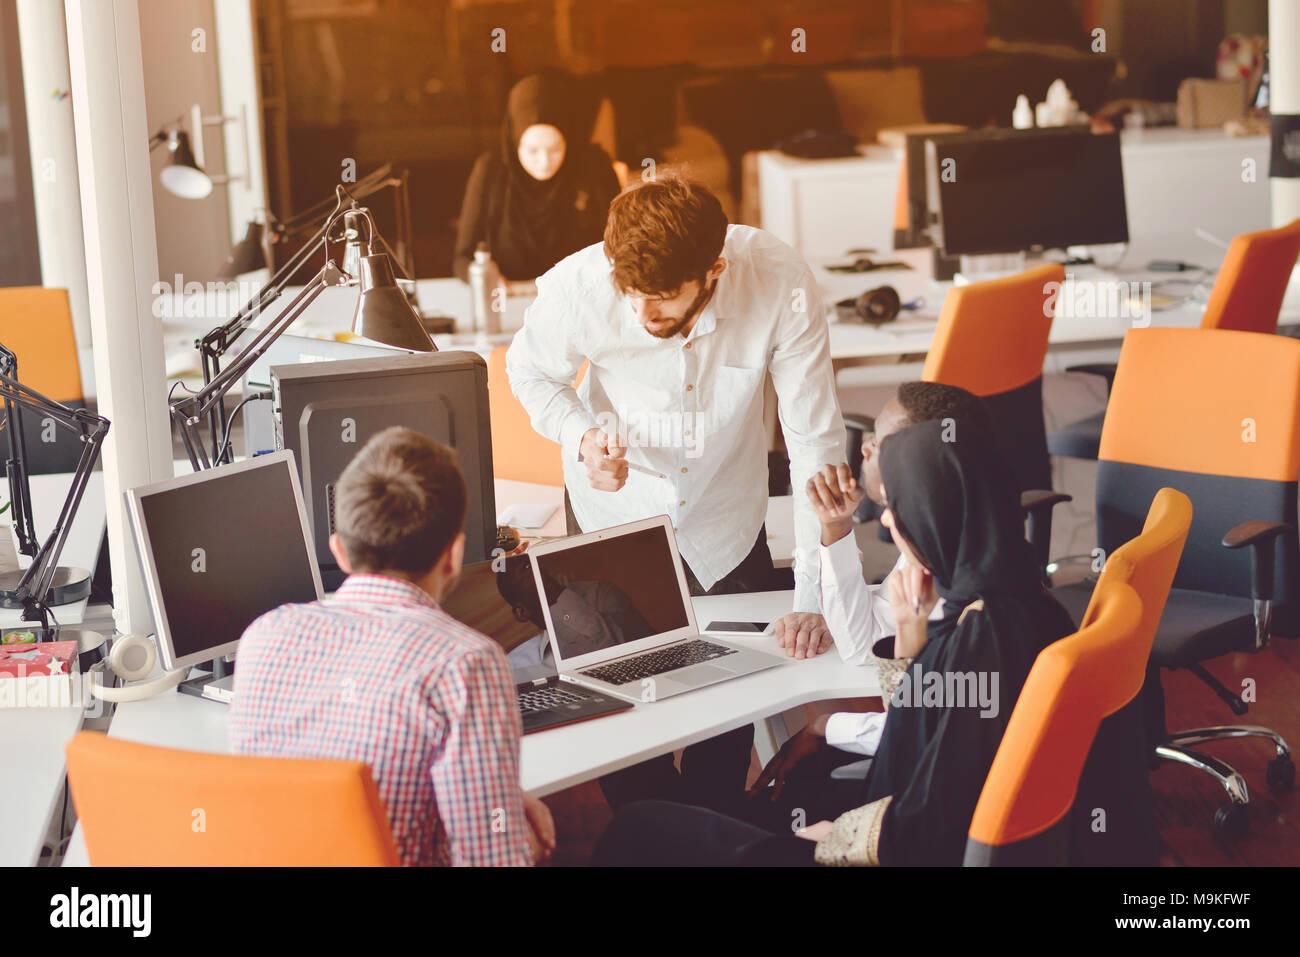 Startup business gruppo persone ogni giorno di lavoro lavoro in ufficio moderno Immagini Stock